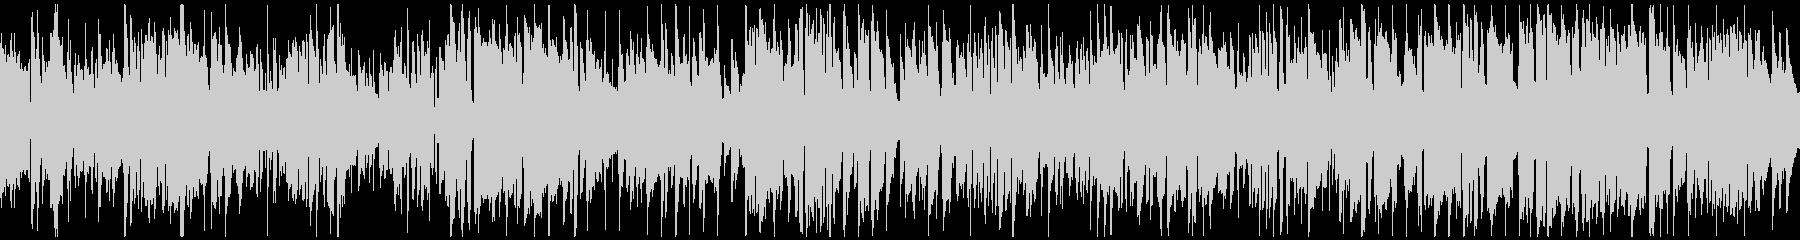 レトロフューチャーフュージョン※ループ版の未再生の波形